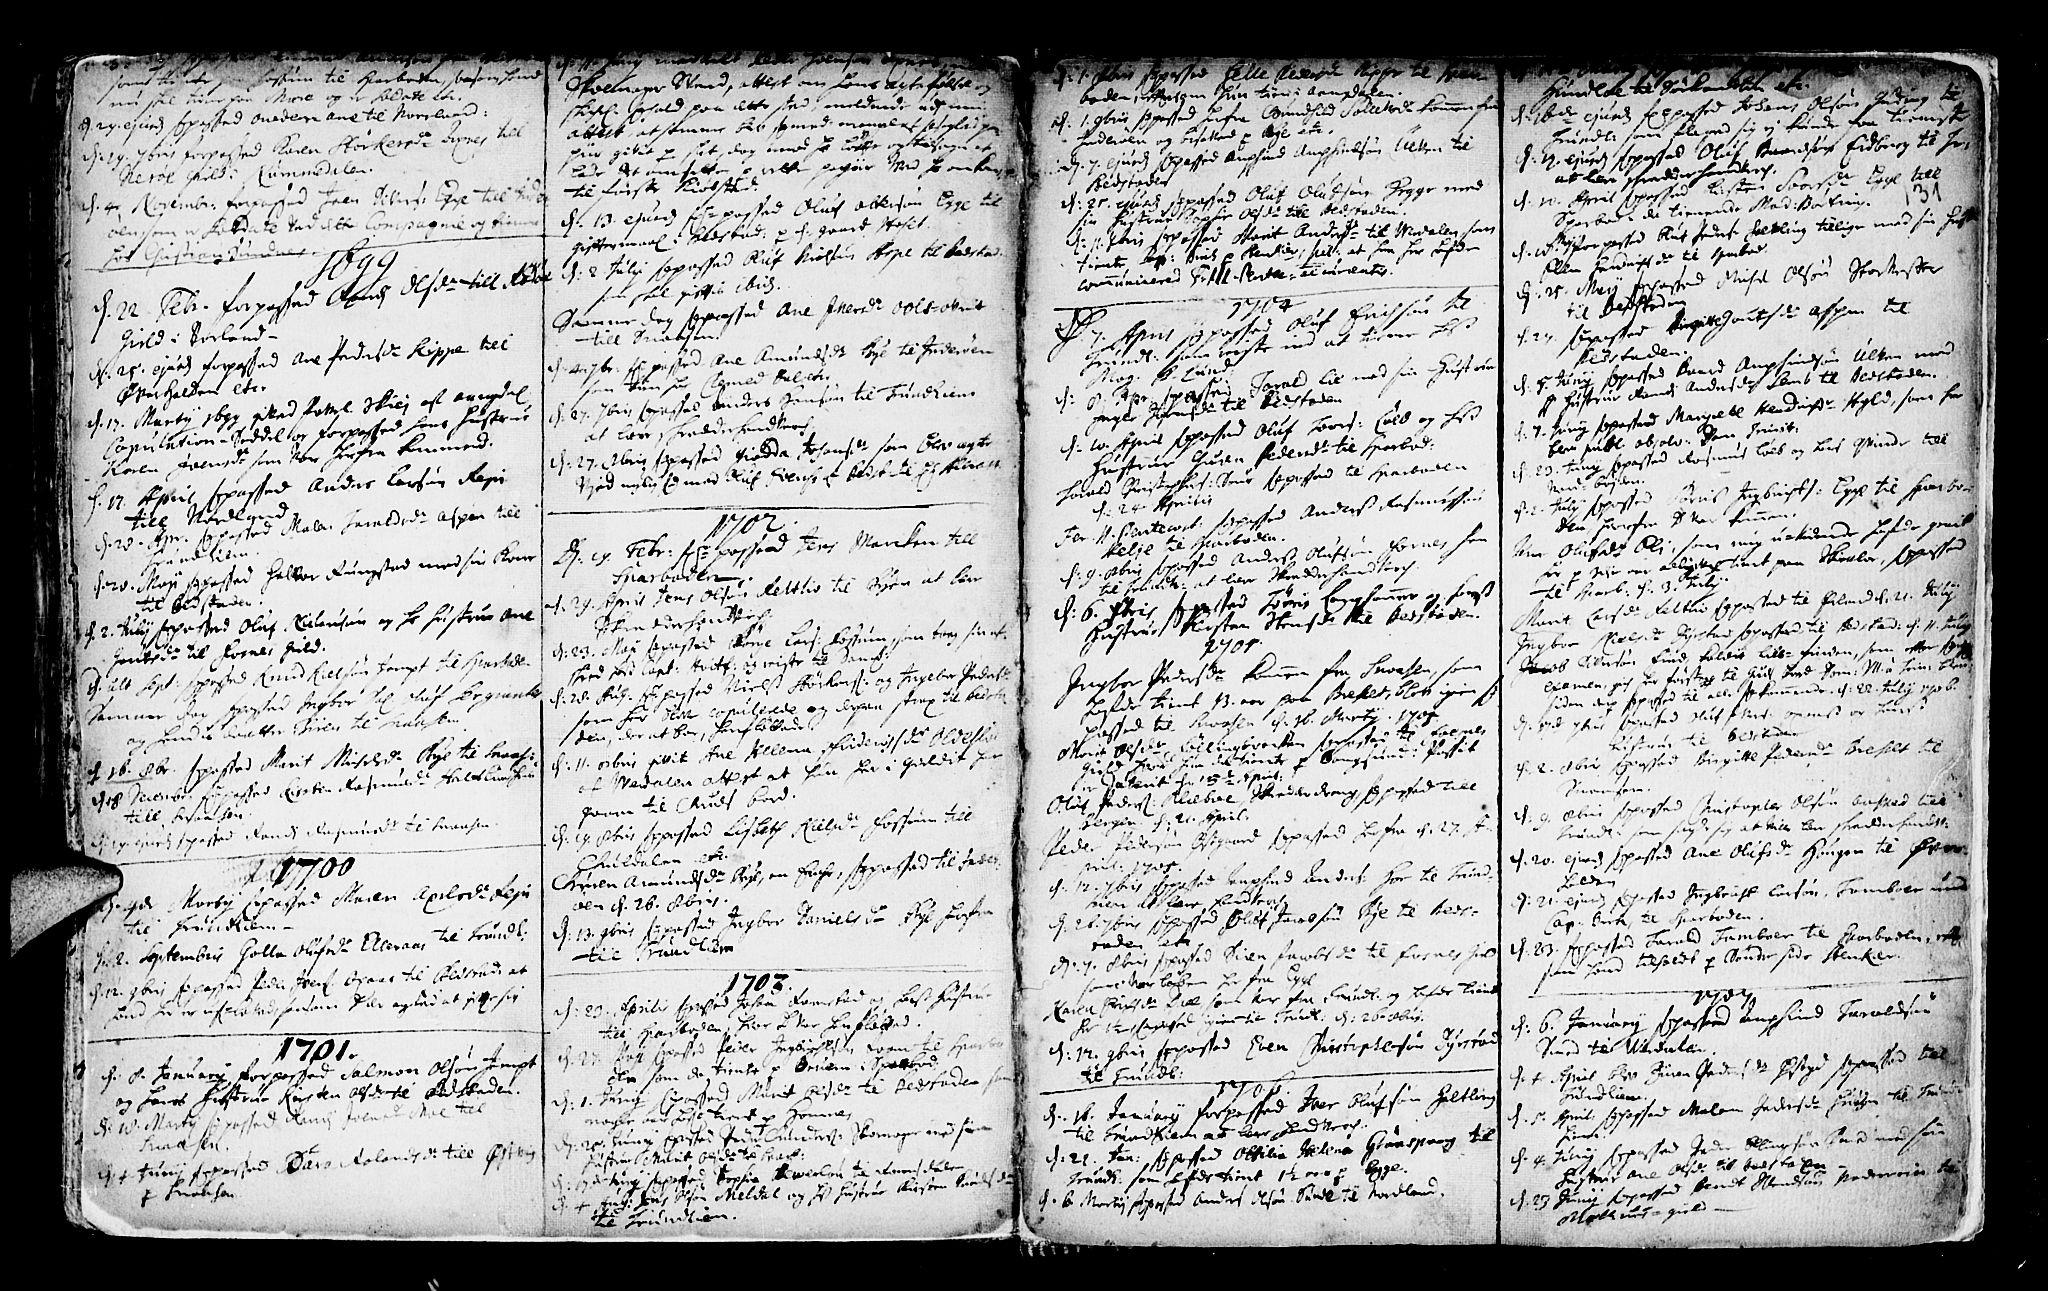 SAT, Ministerialprotokoller, klokkerbøker og fødselsregistre - Nord-Trøndelag, 746/L0439: Ministerialbok nr. 746A01, 1688-1759, s. 131